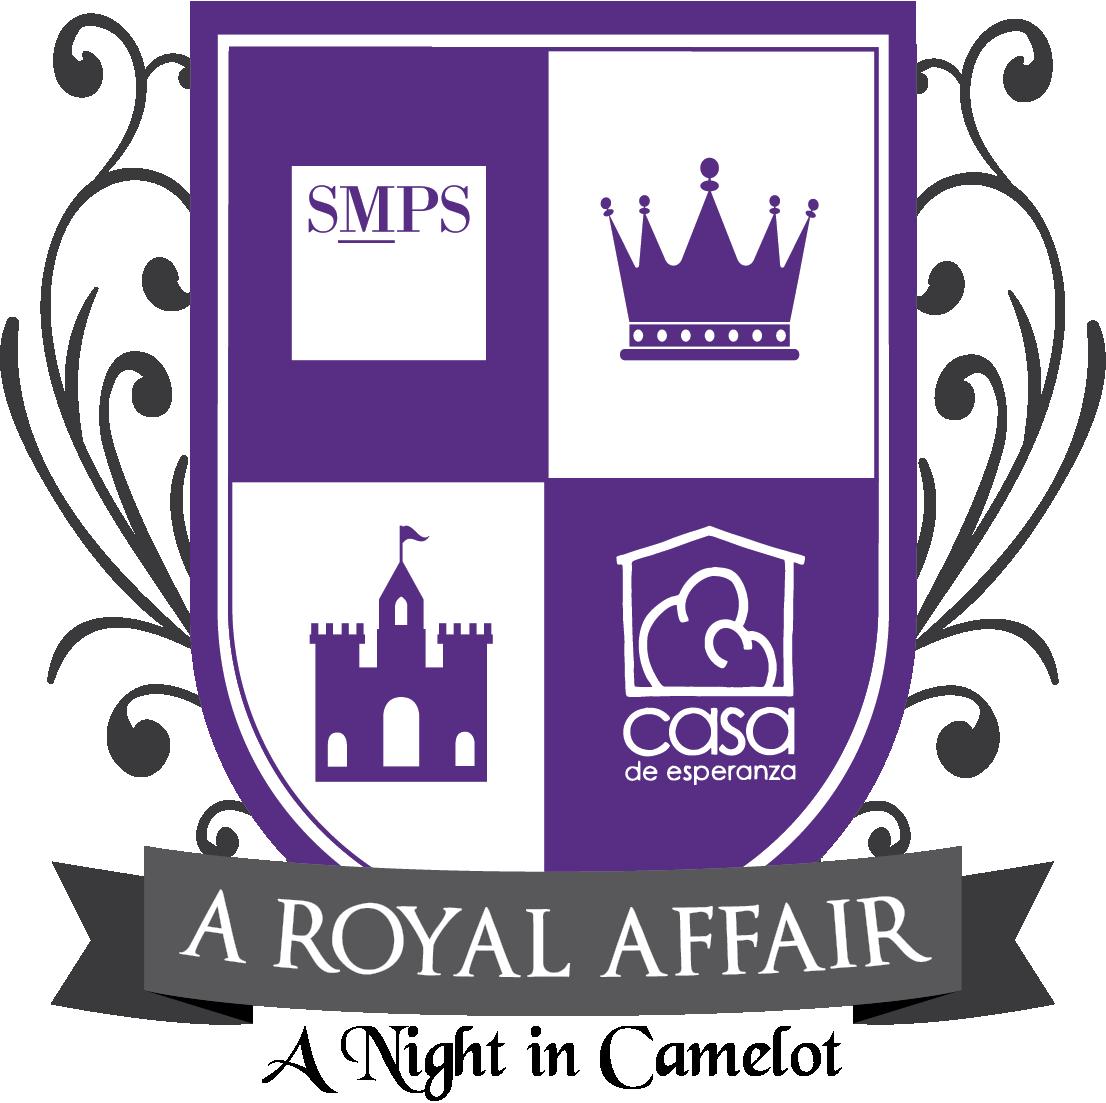 Hope clipart esperanza. A royal affair design